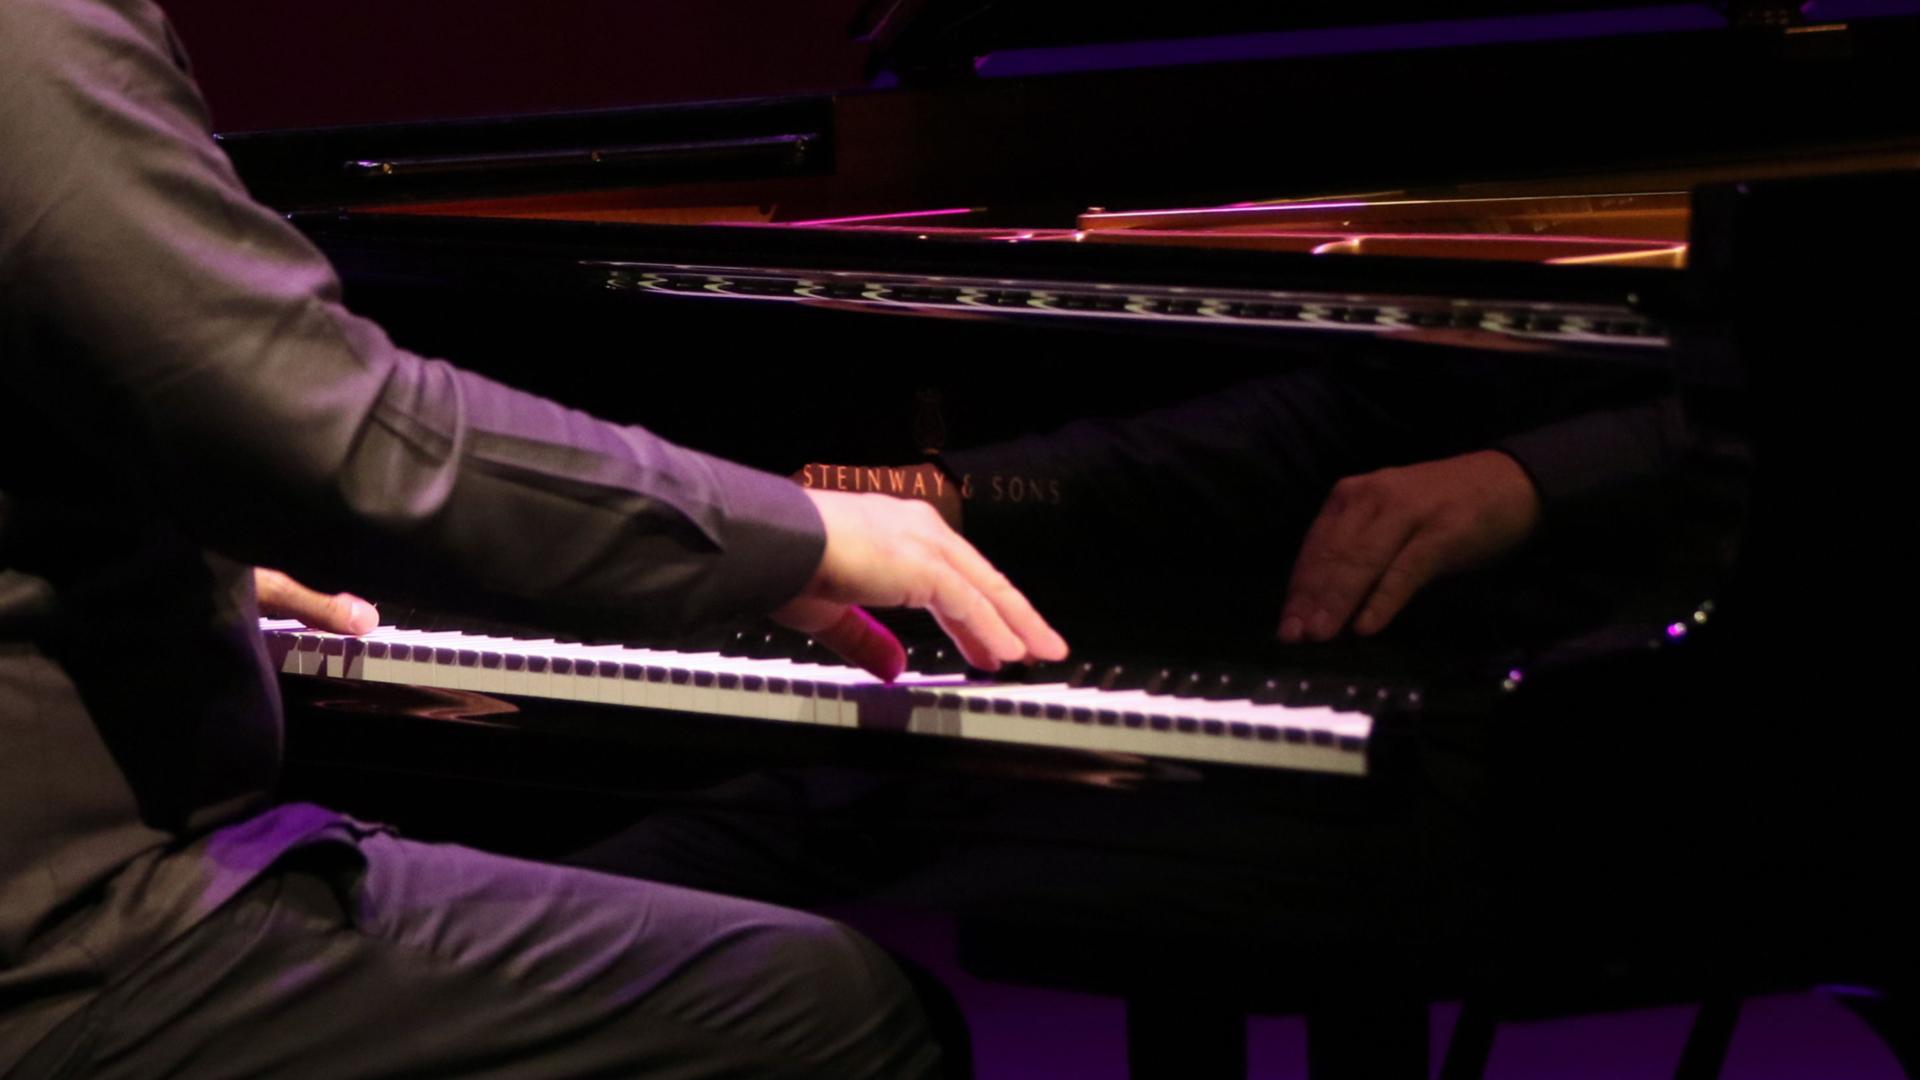 El investigador tendrá que dar clases de piano a cambio de no ir a la cárcel. (EFE)